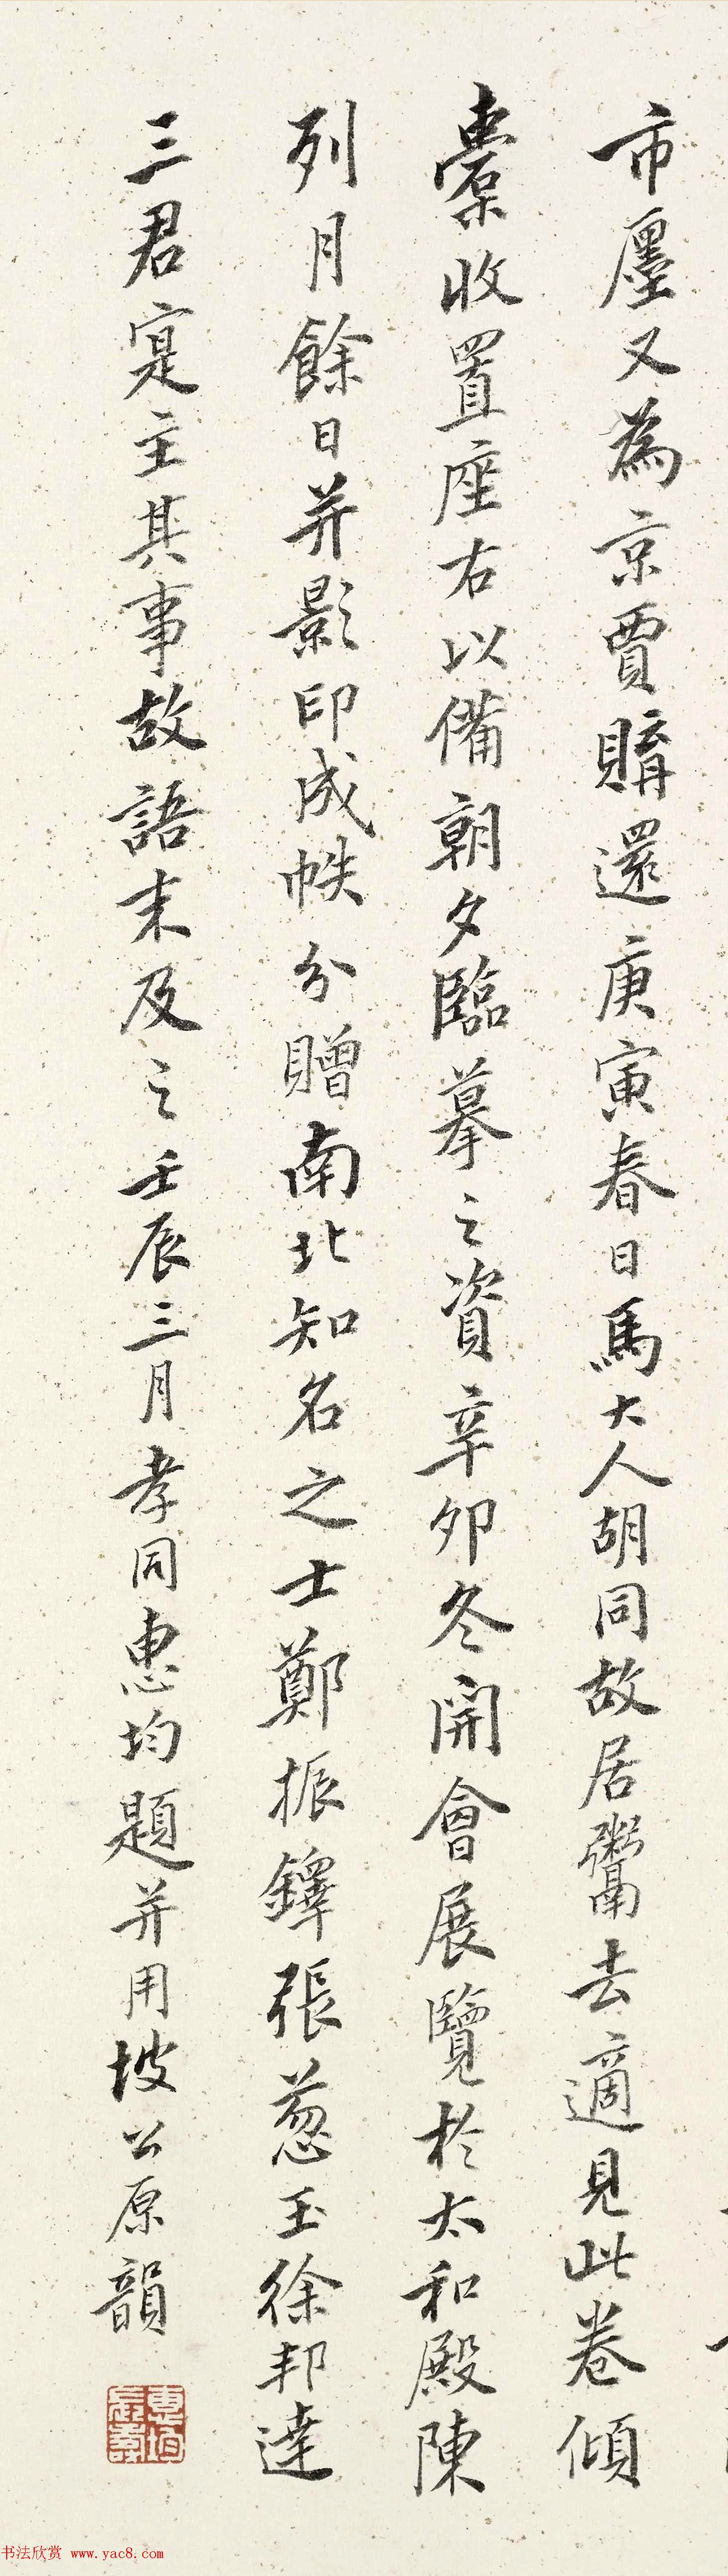 湖社画会副会长惠均书法欣赏